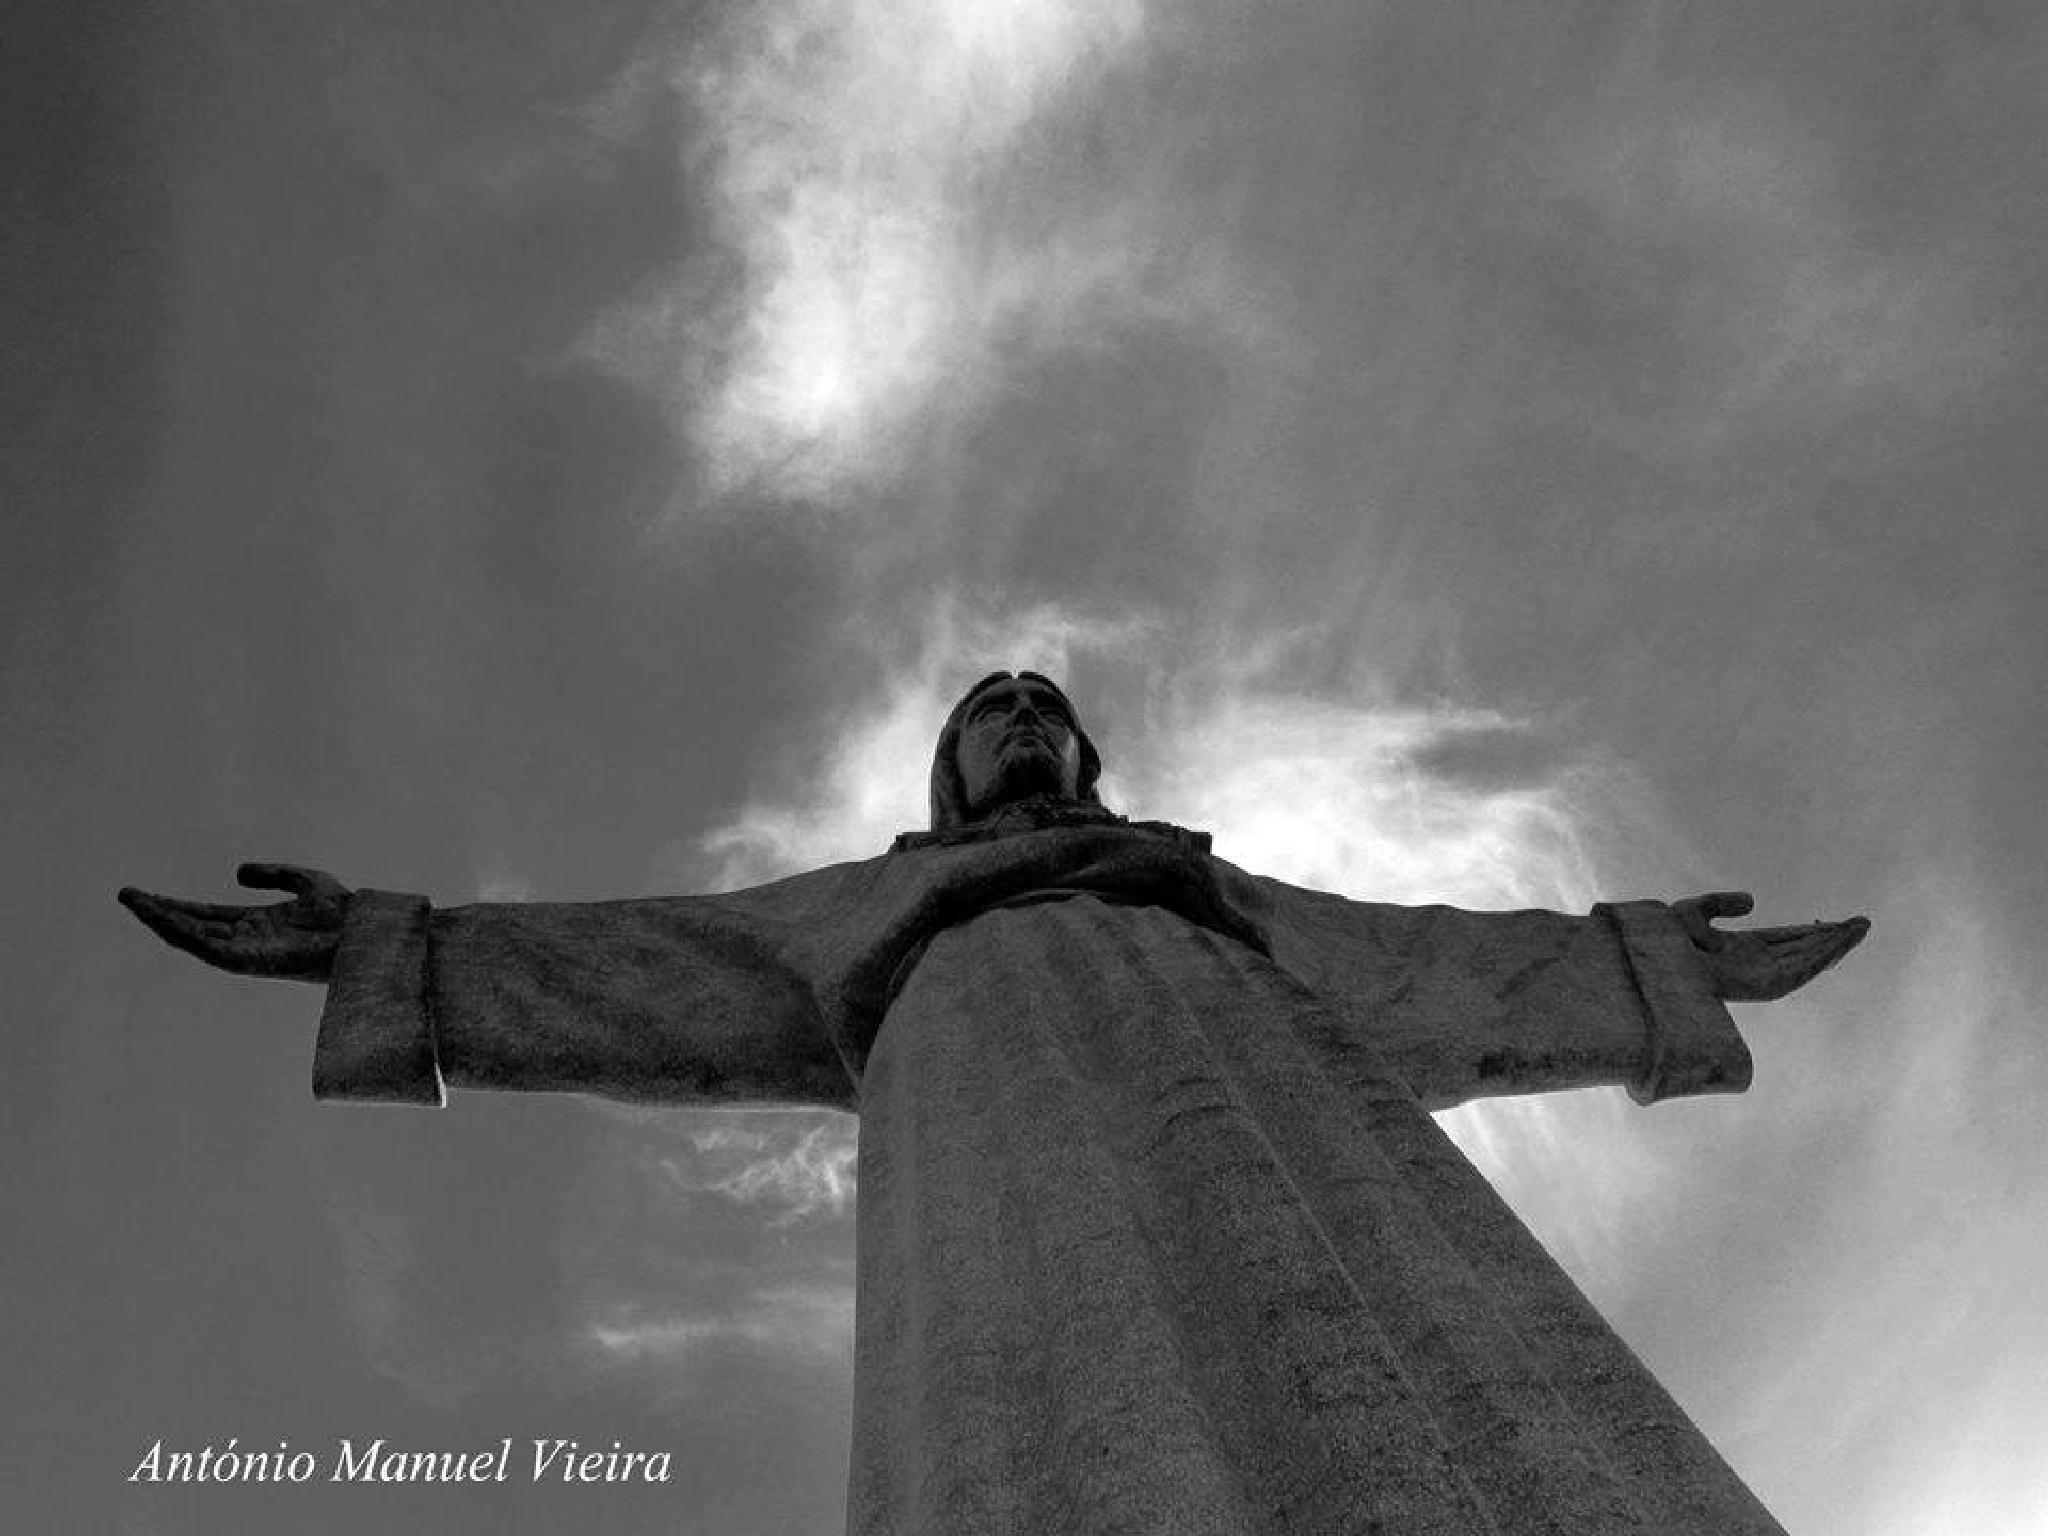 Cristo Rei by Antoniocvieira